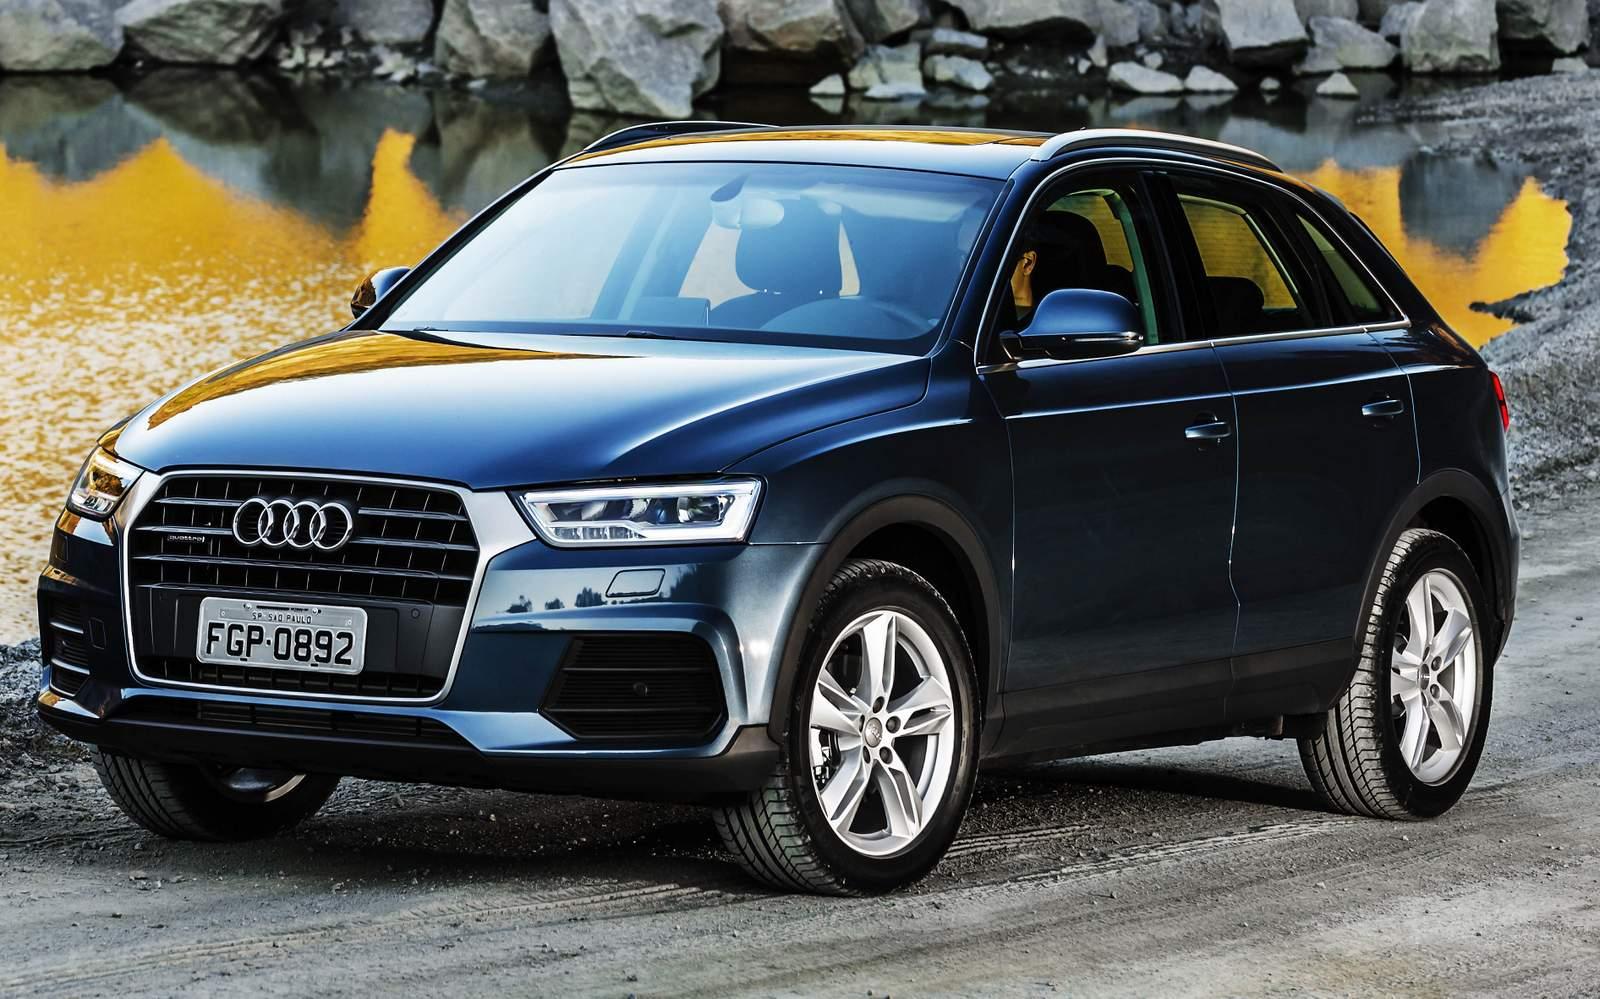 Audi Q3 : SUV Premium mais vendido do Brasil em 2015